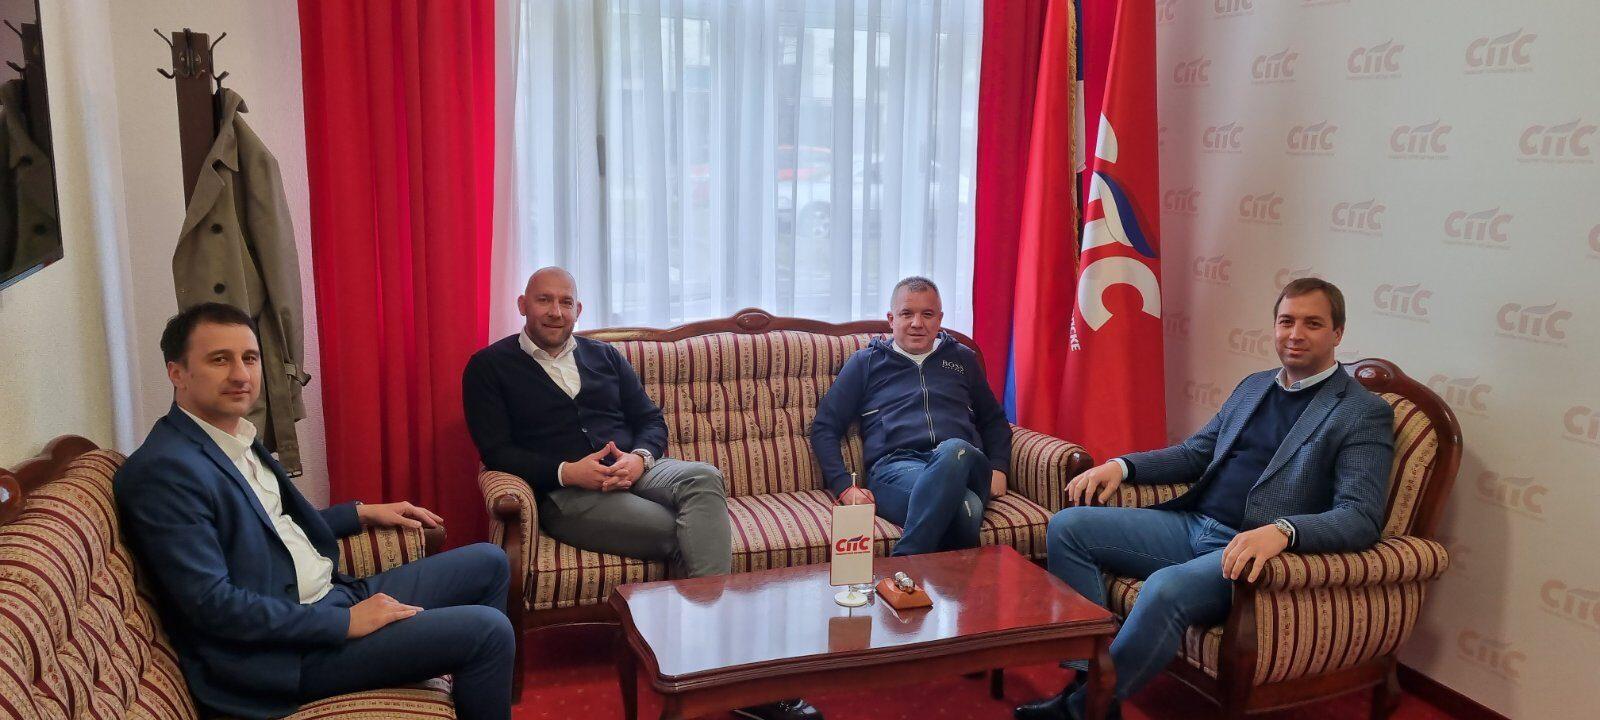 Selak se sastao sa odbnornicima SPS u Skupštini Banjaluke: Podrška konstruktivnim rješenjima